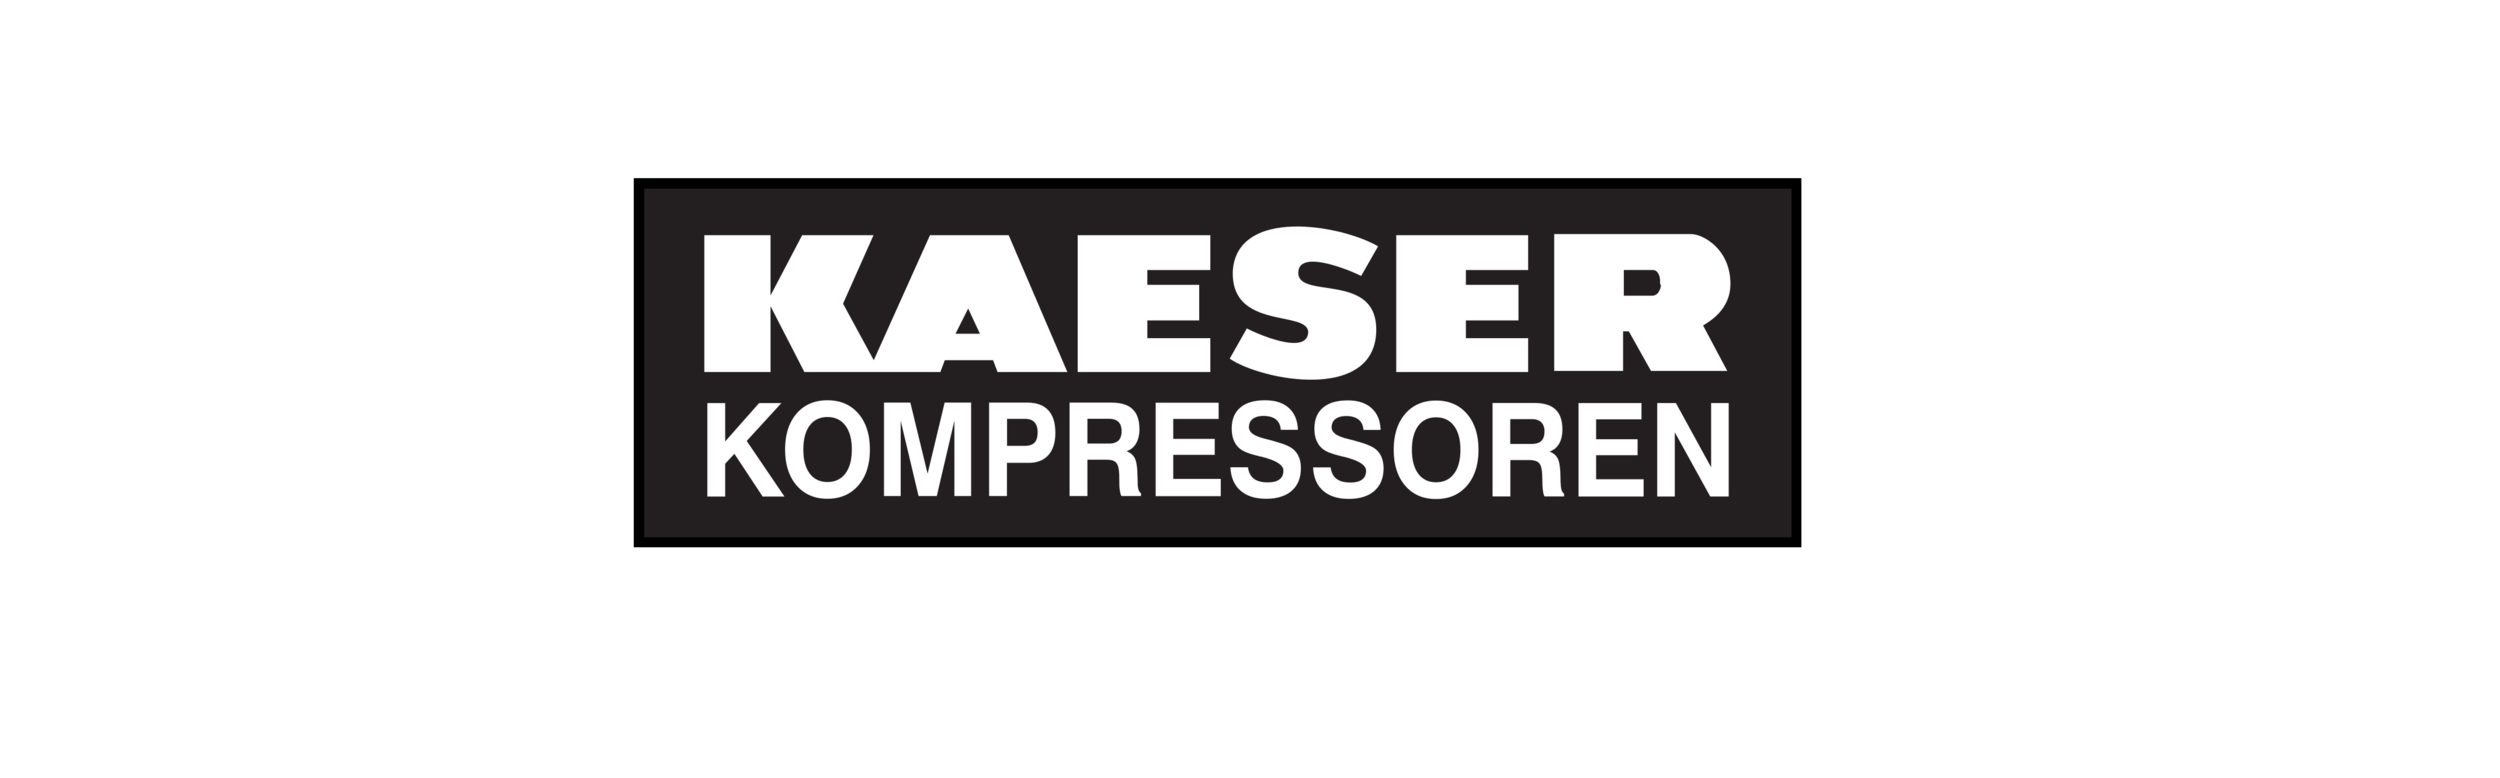 kaeser.png